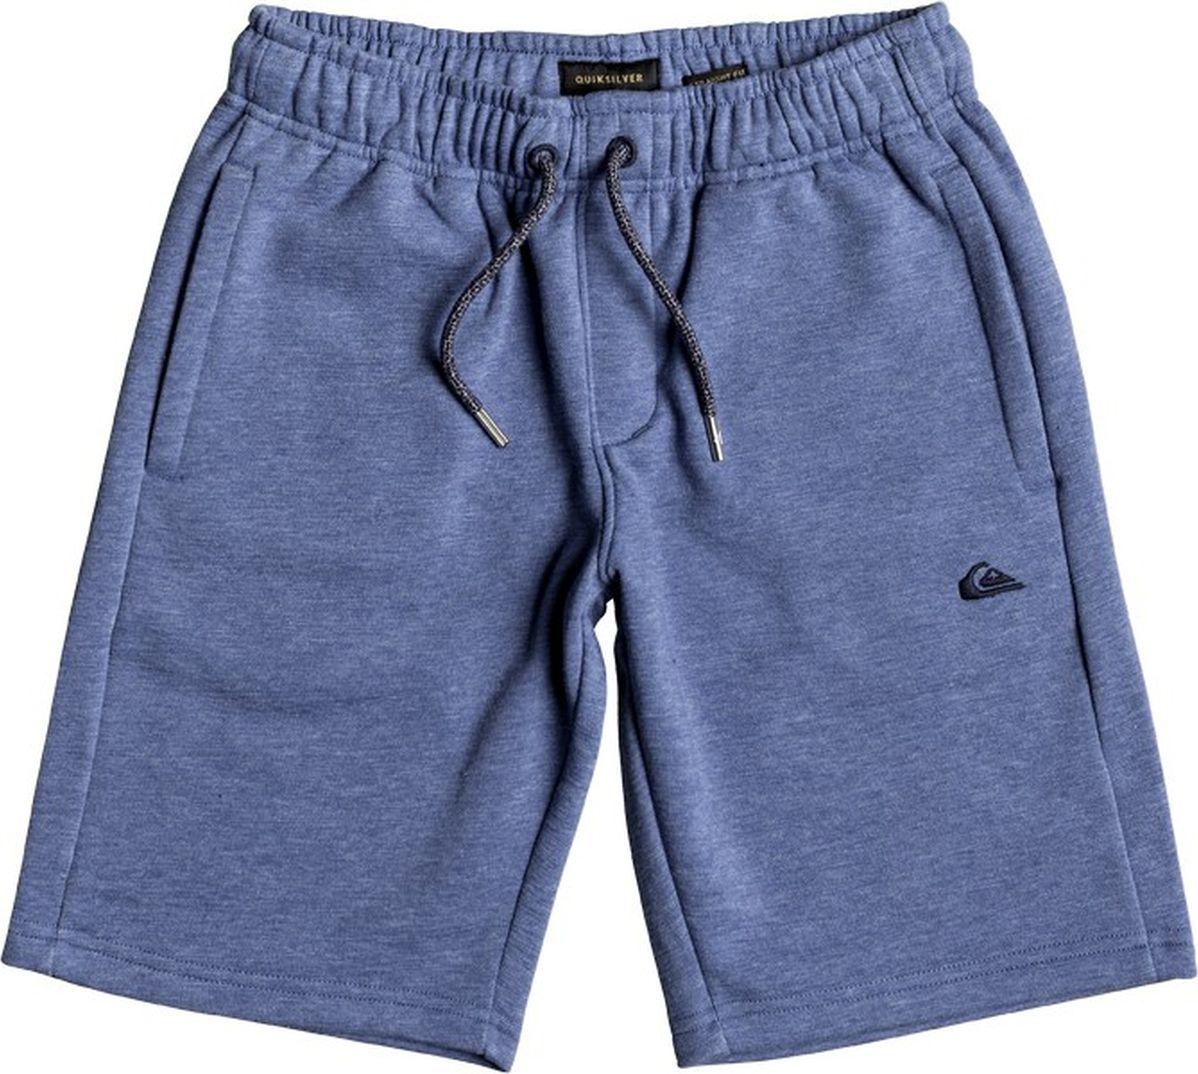 Шорты для мальчика Quiksilver, цвет: синий. EQBFB03034-BPC0. Размер 128/134 свитшот quiksilver quiksilver qu192ebpew61